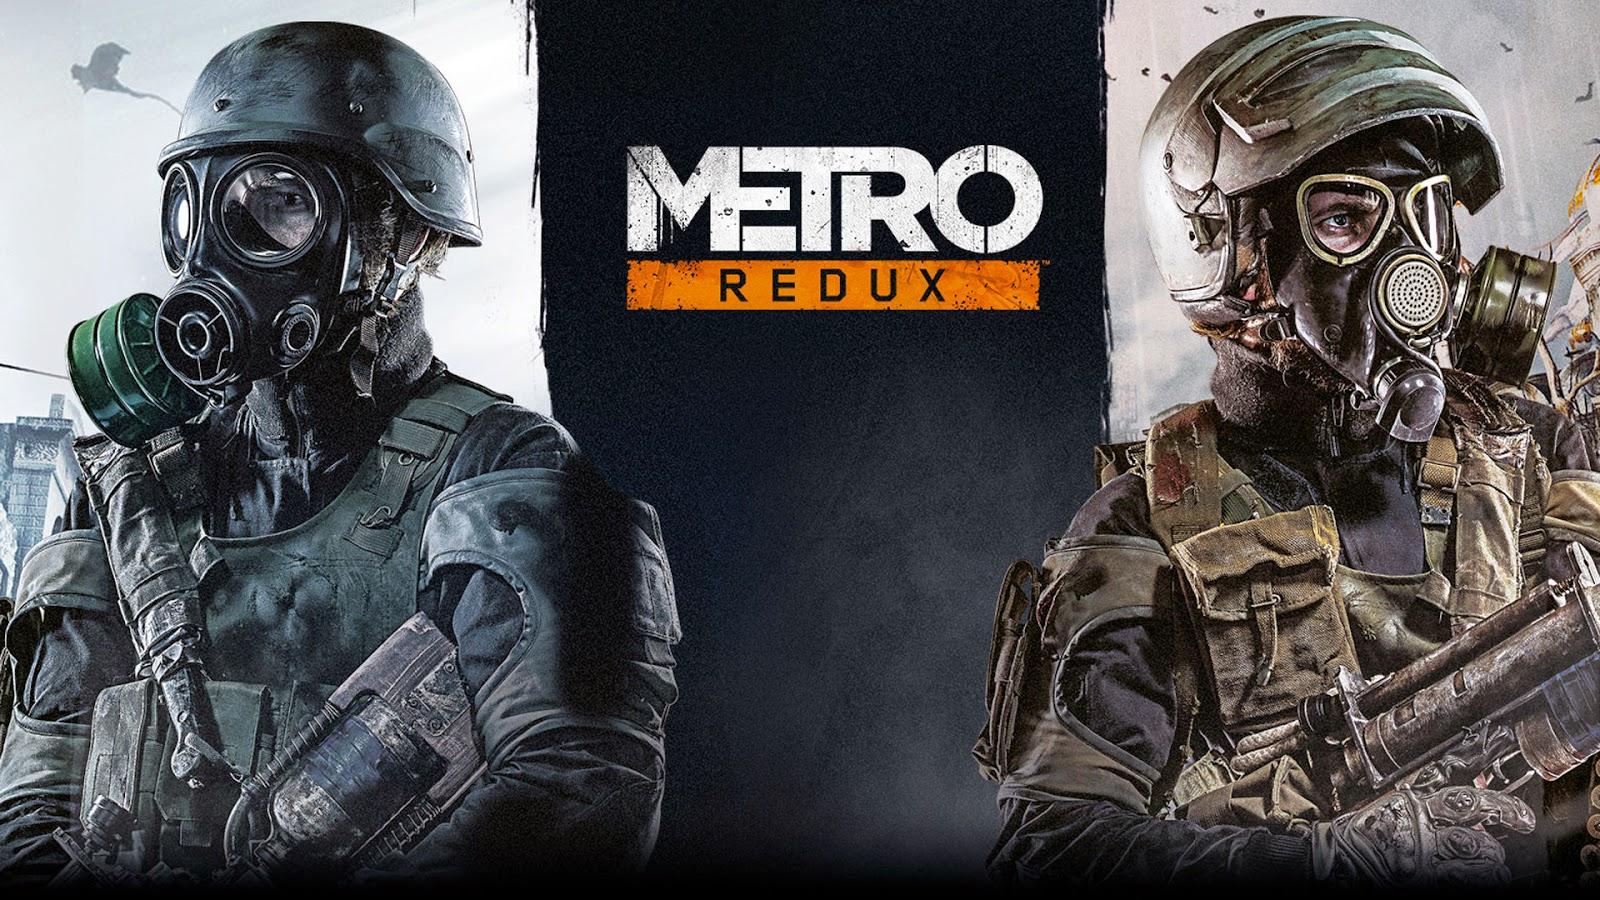 Сравнение графической составляющей игры Metro Redux на Xbox One, Playstation 4 и PC